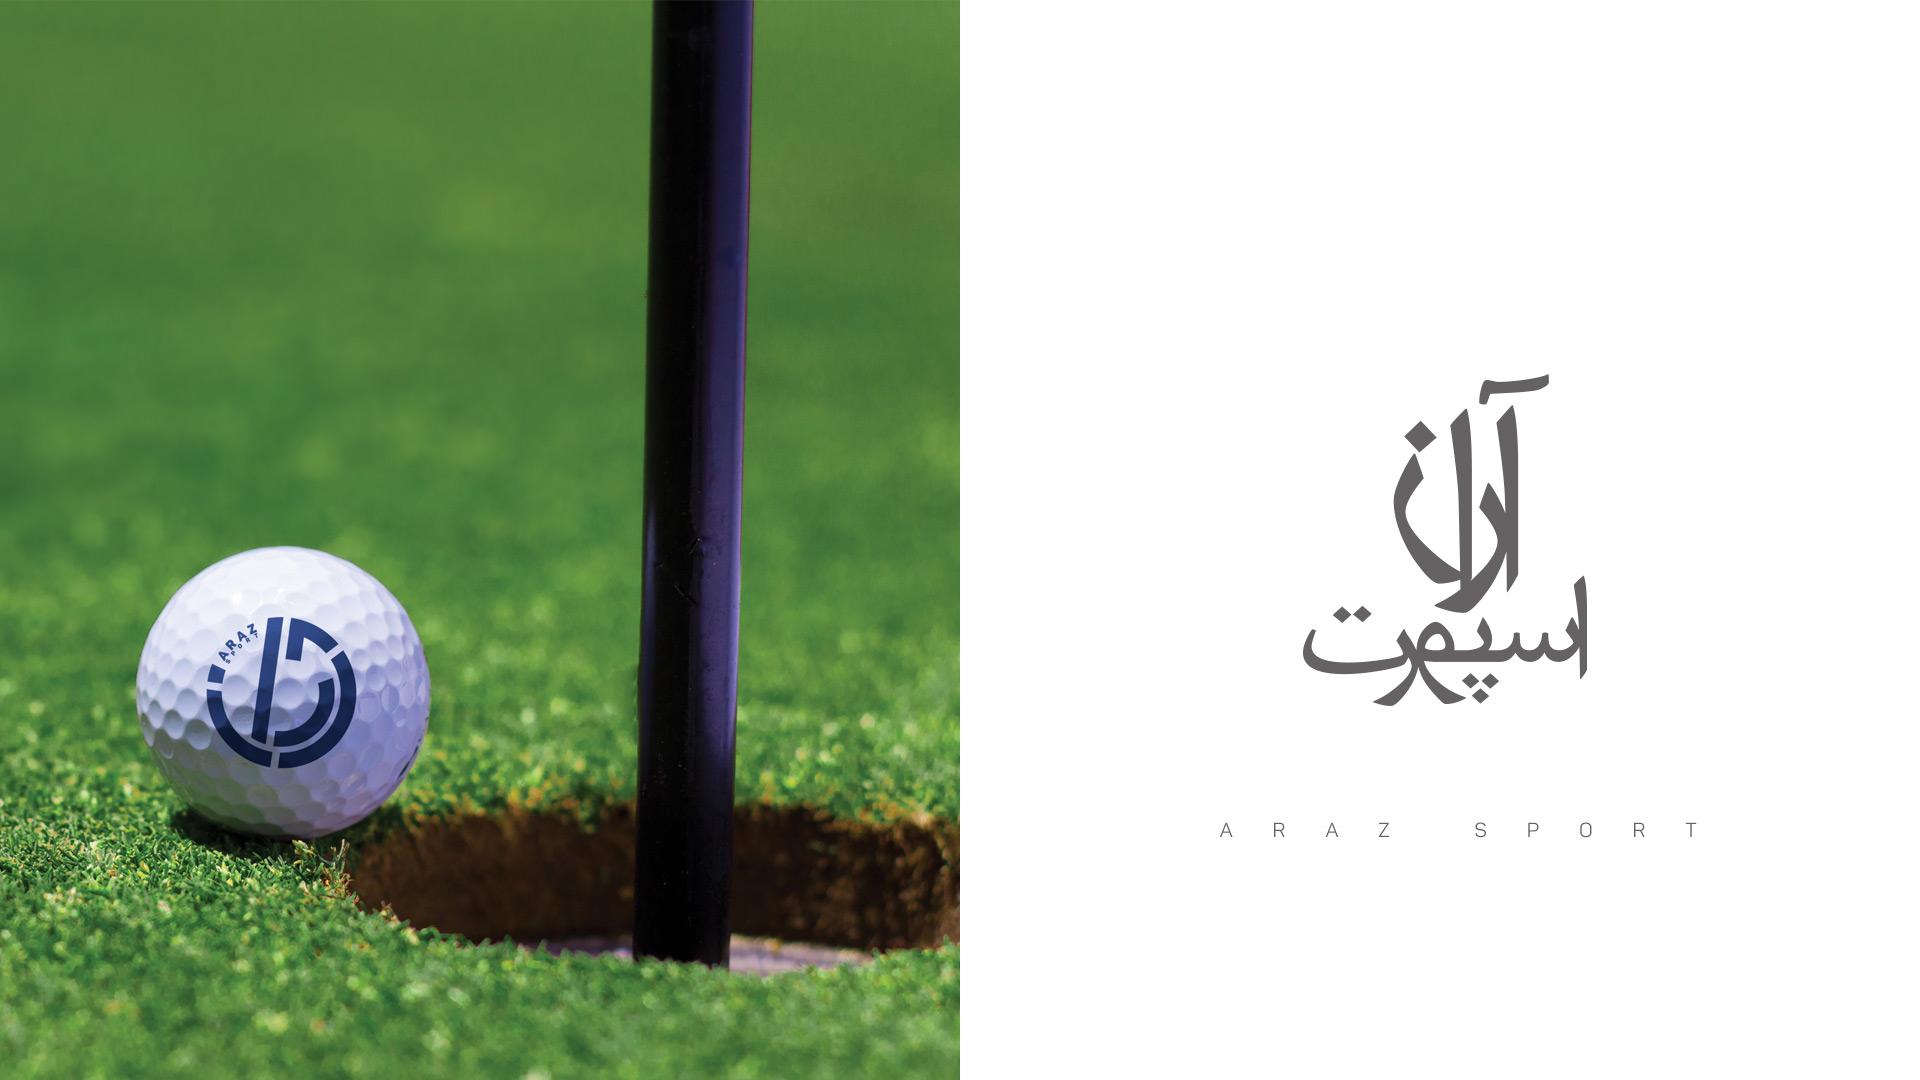 Araz sport logo design portfolio by vazirstudio.com 2020